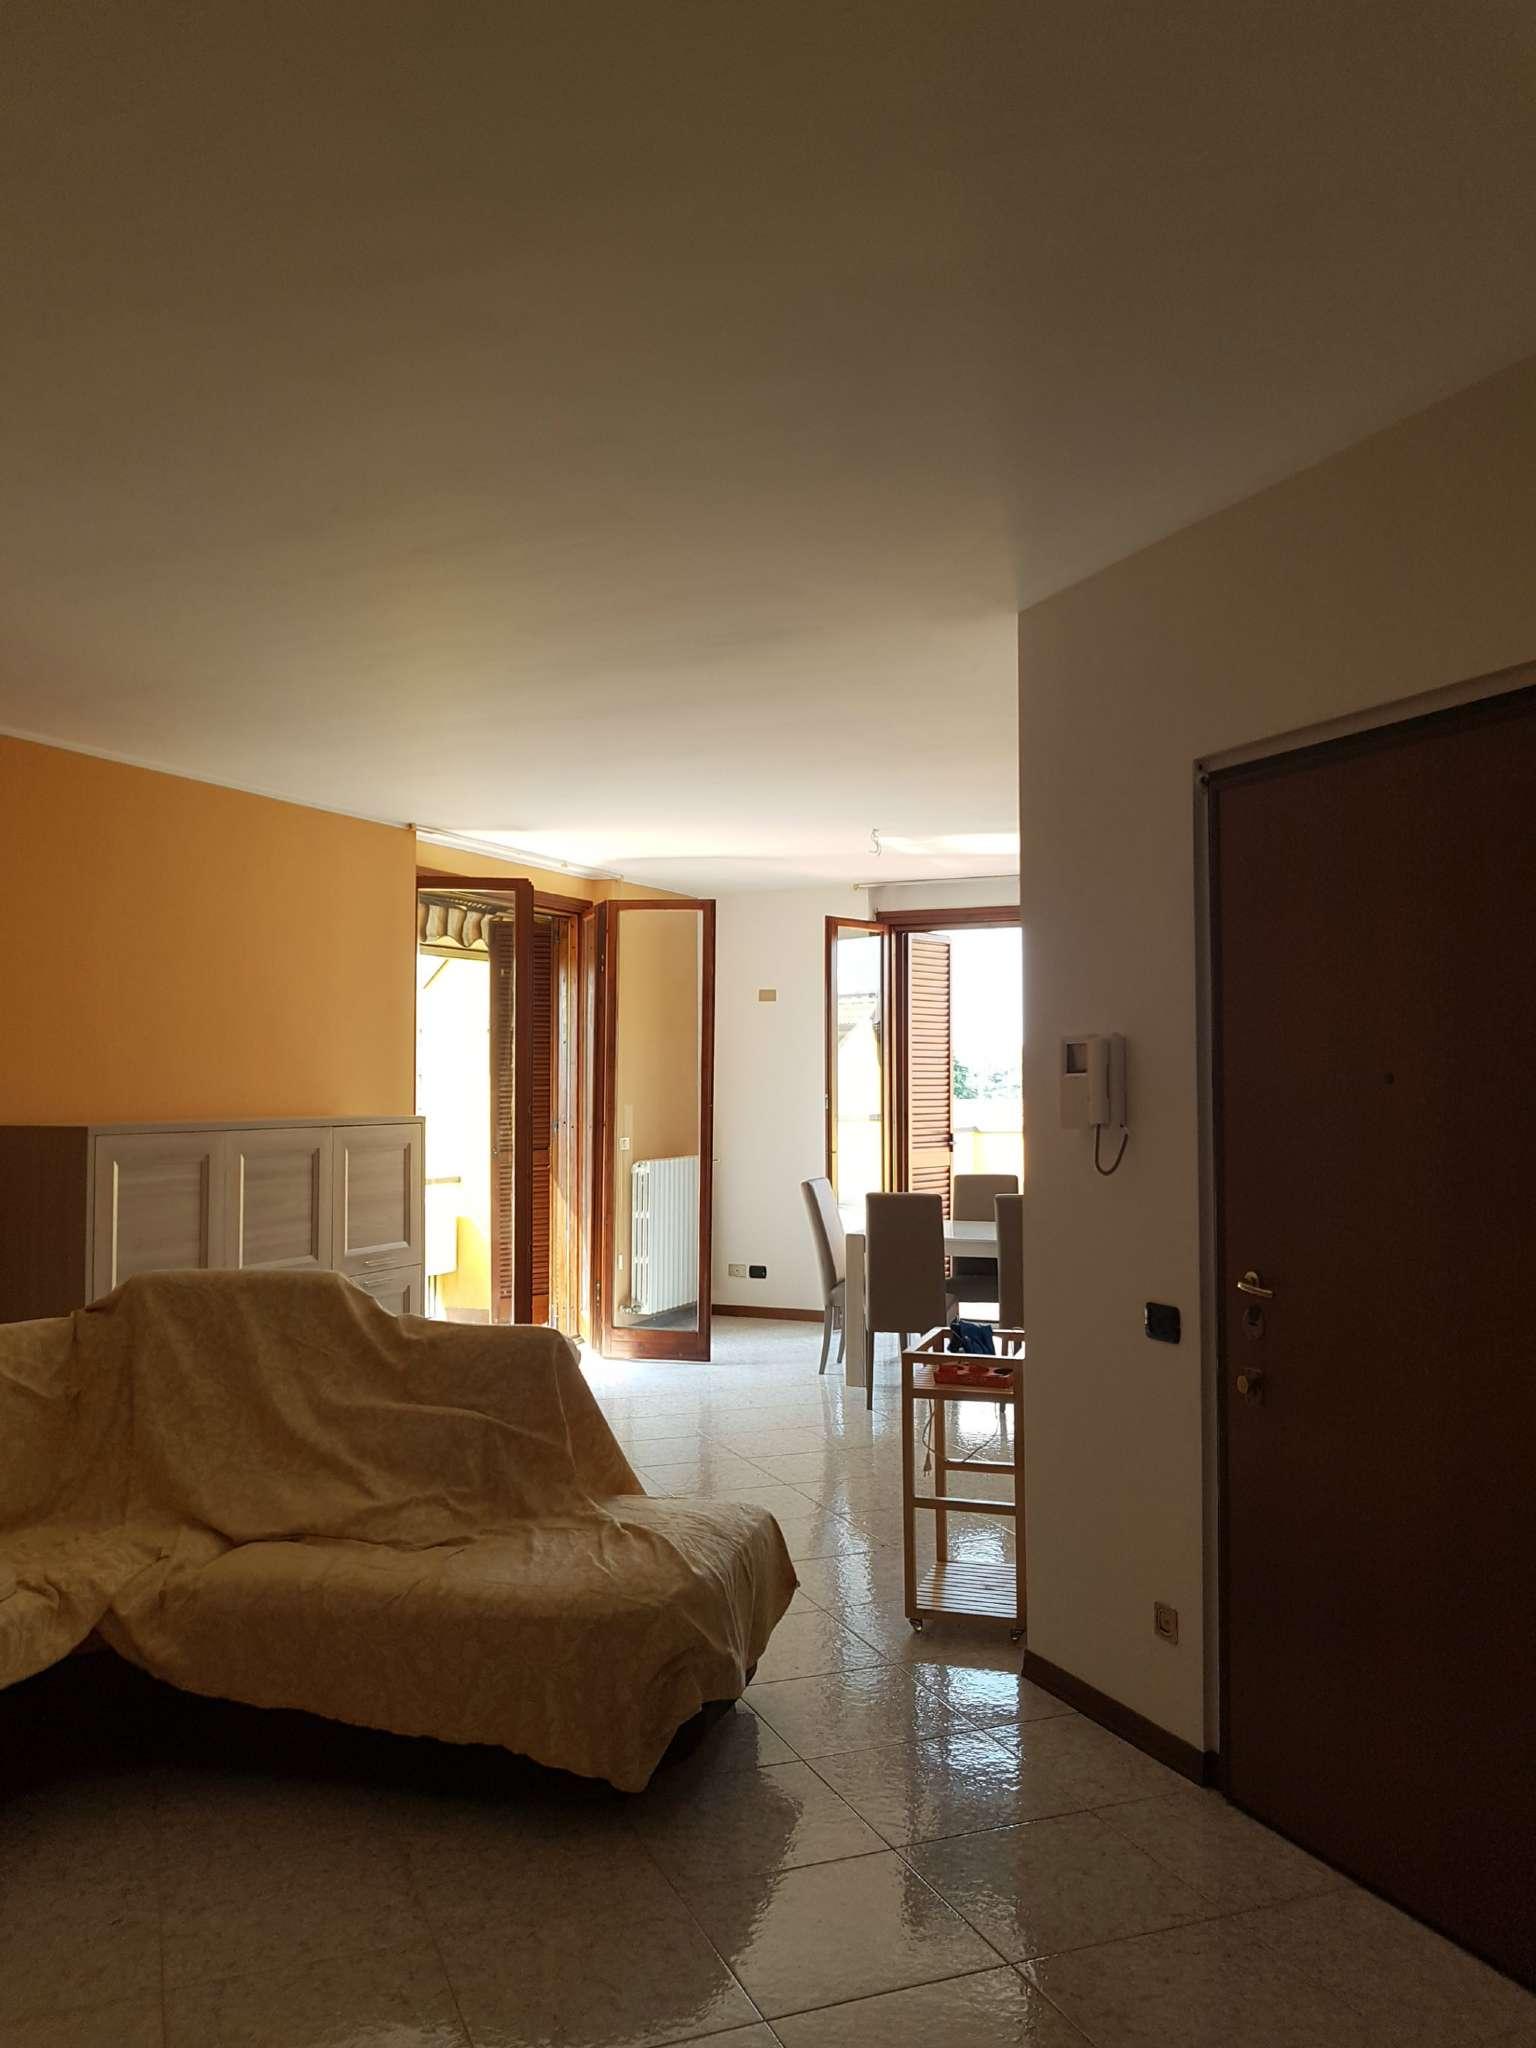 Attico / Mansarda in affitto a Peschiera Borromeo, 4 locali, prezzo € 1.500   CambioCasa.it